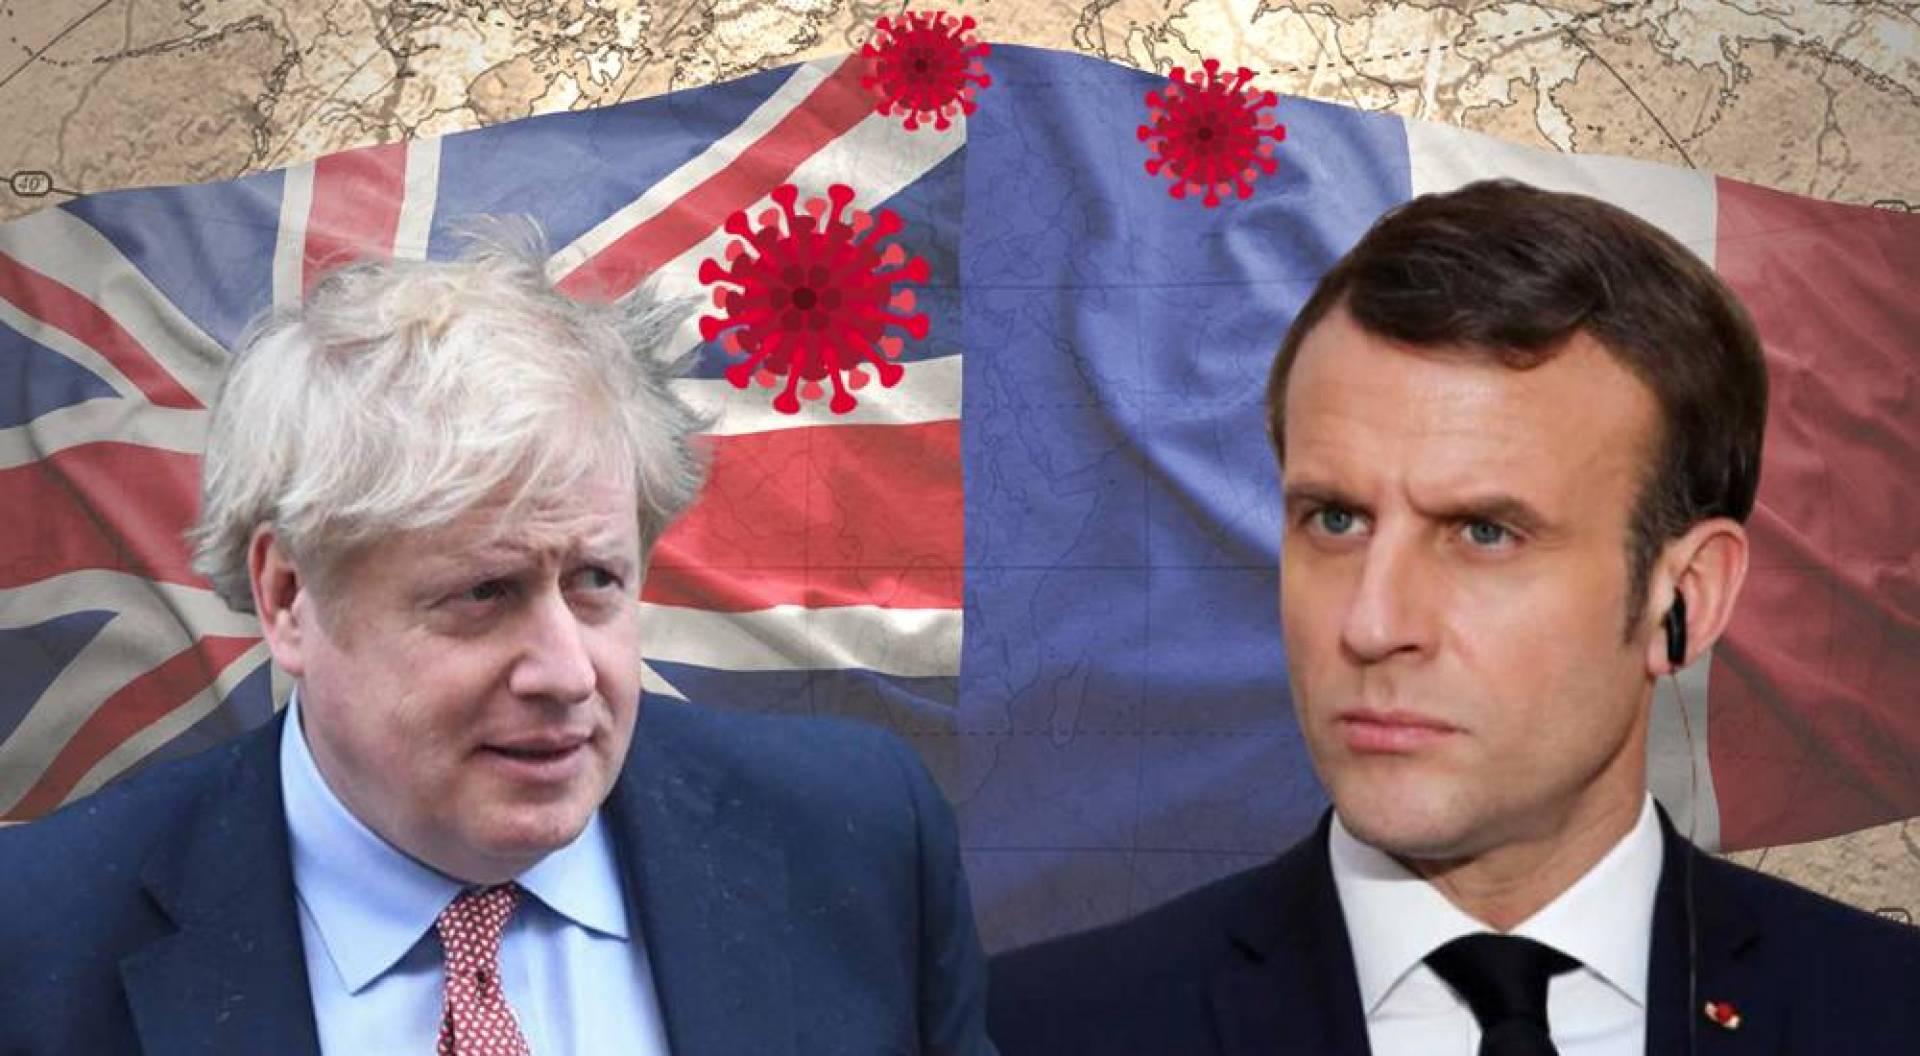 كورونا يُشعل حرباً سياسية بين بريطانيا وفرنسا